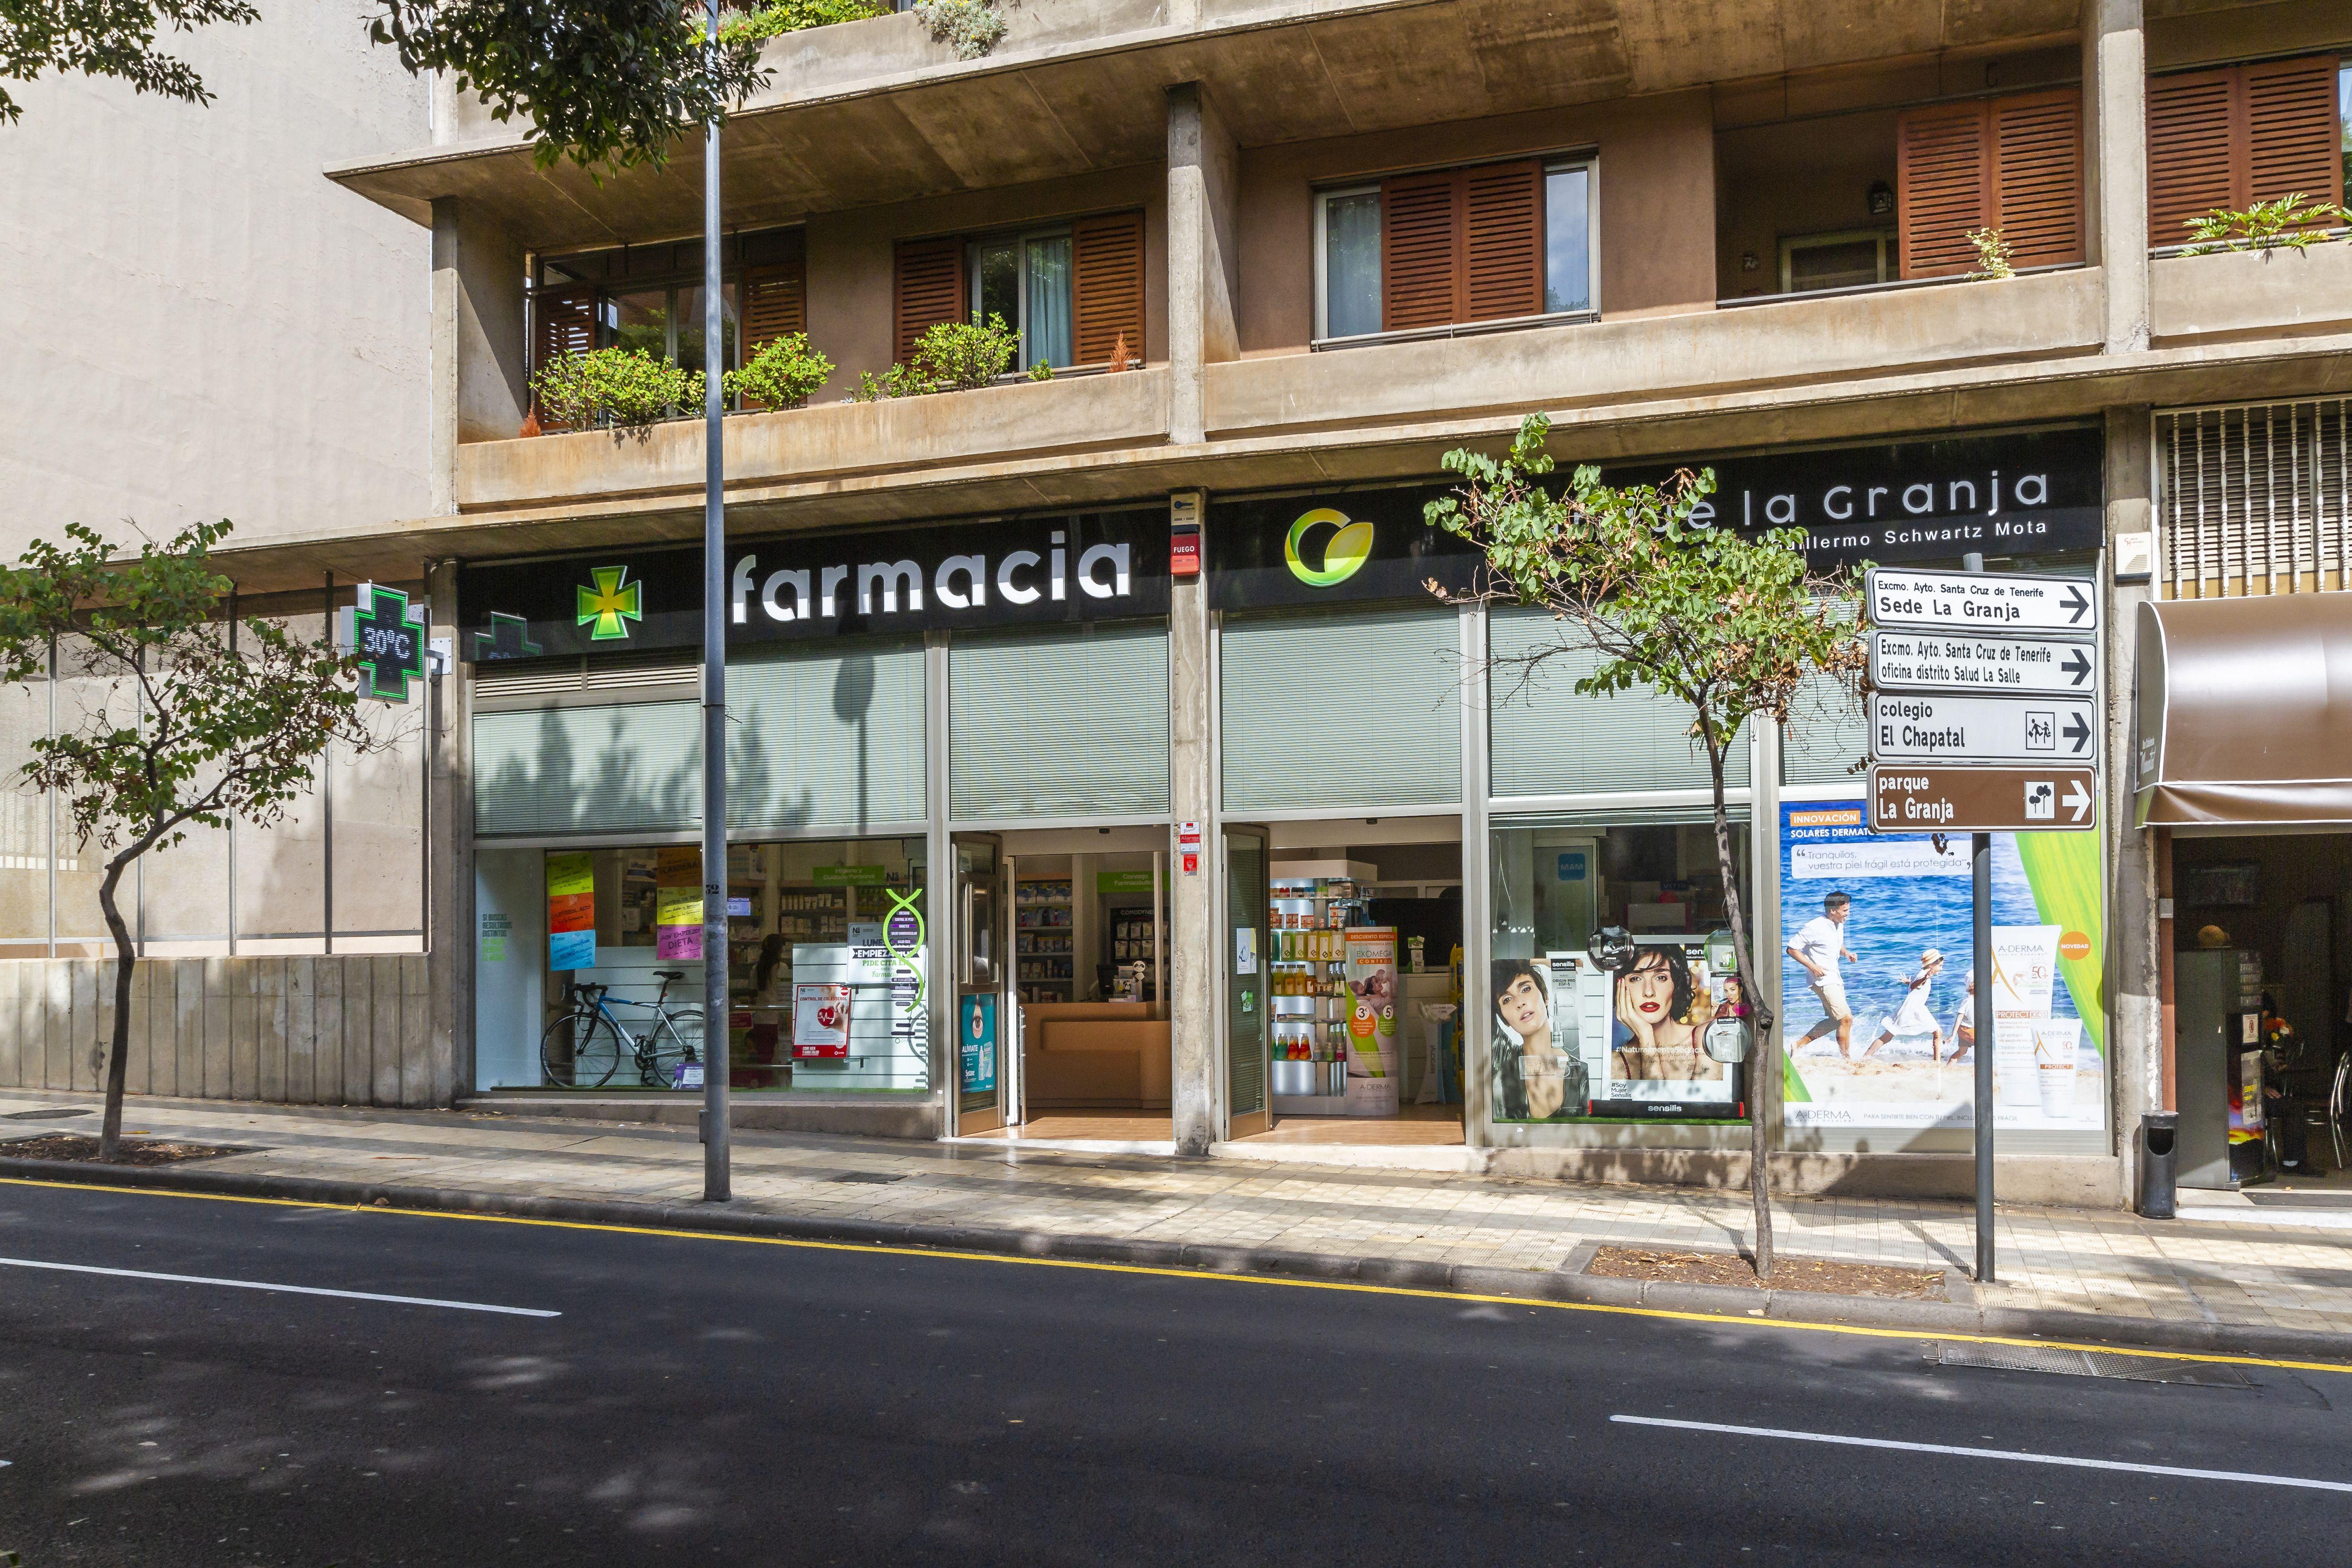 Foto 2 de Farmacias en Santa Cruz de Tenerife | Farmacia Parque La Granja